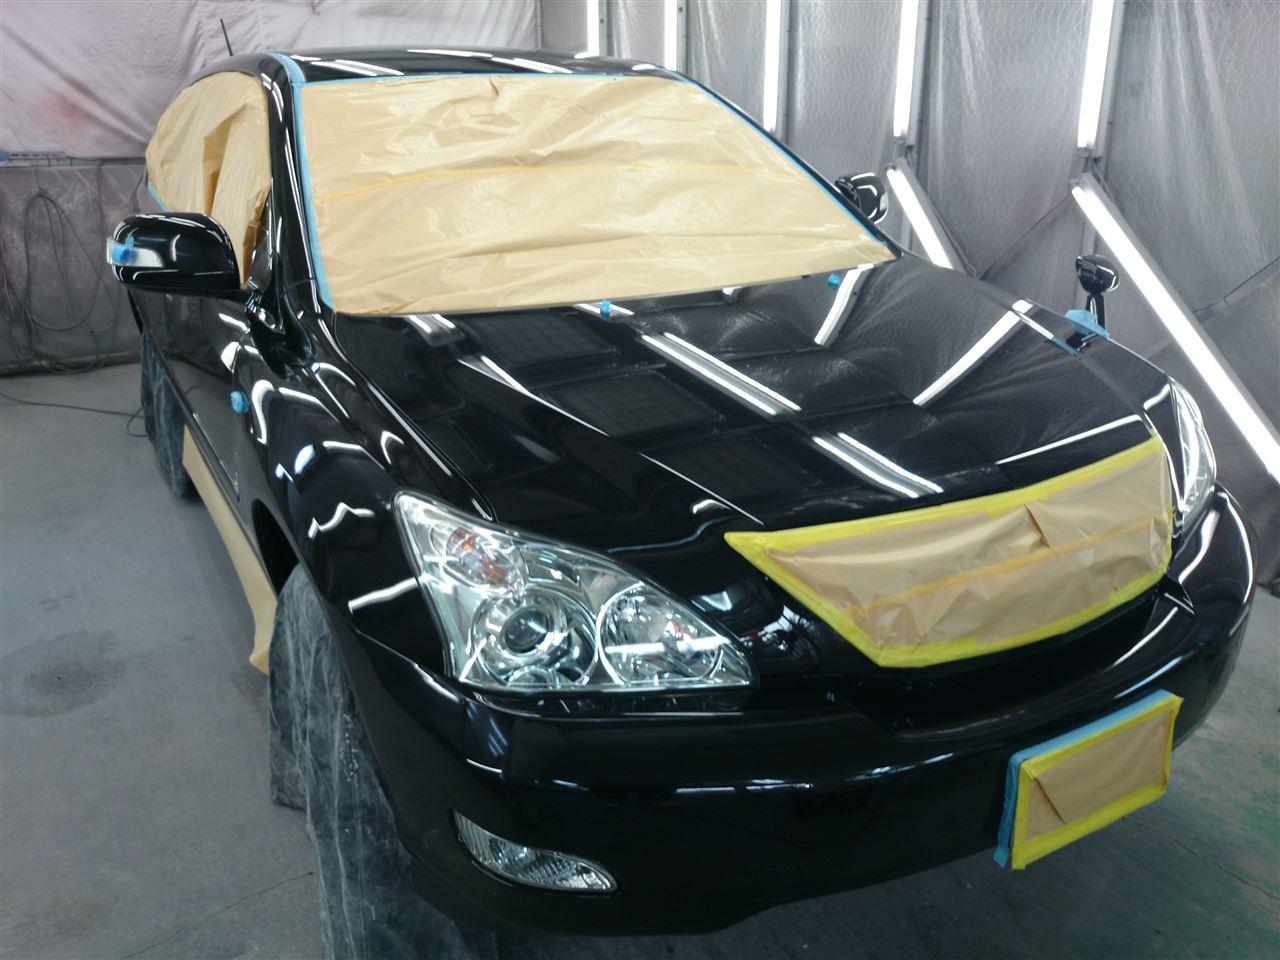 東京都立川市の車の板金塗装修理工場 ガレージローライドのトヨタ ハリアーのボディー磨き&ジーゾックスリアルガラスコート艶プラス です。